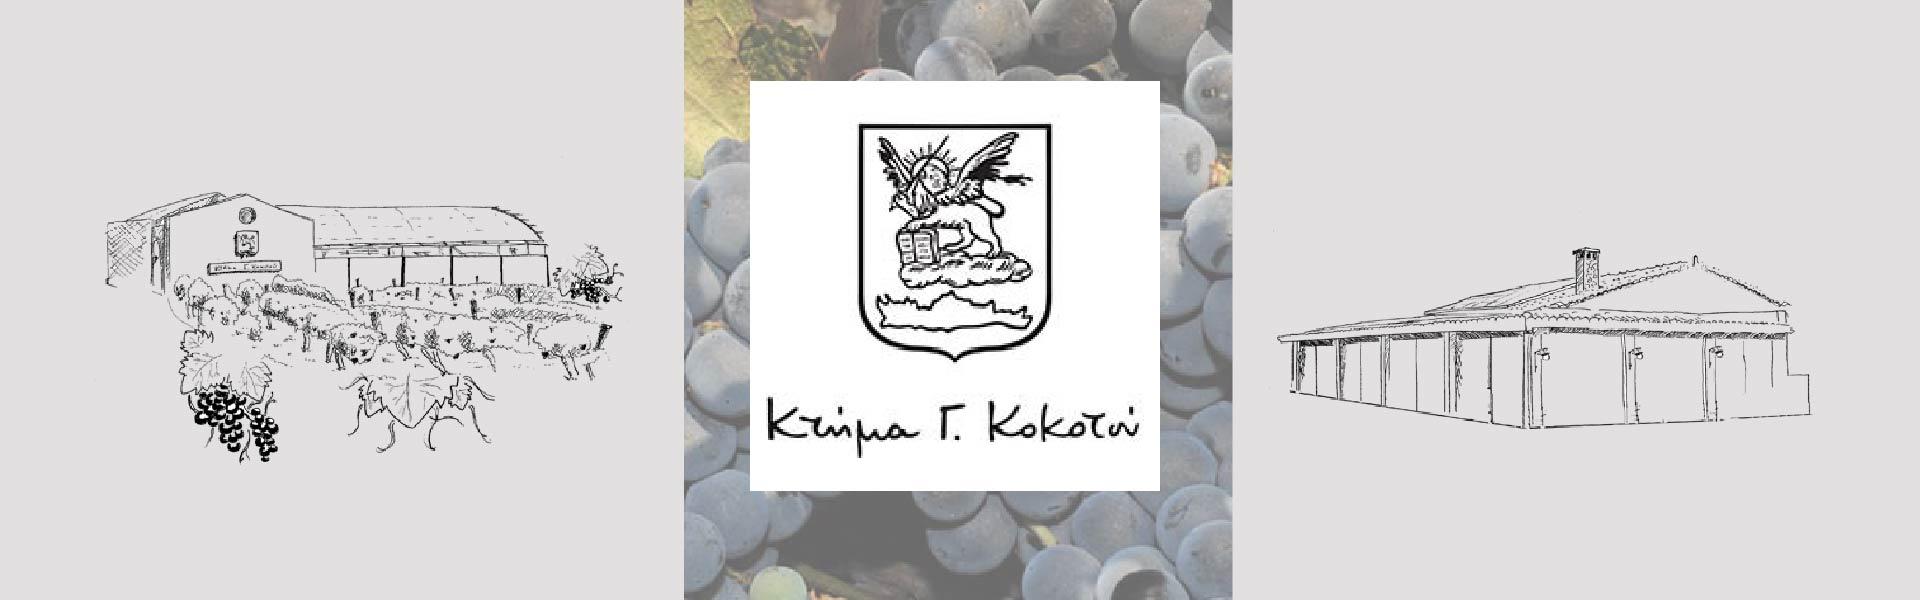 kokotou1-01